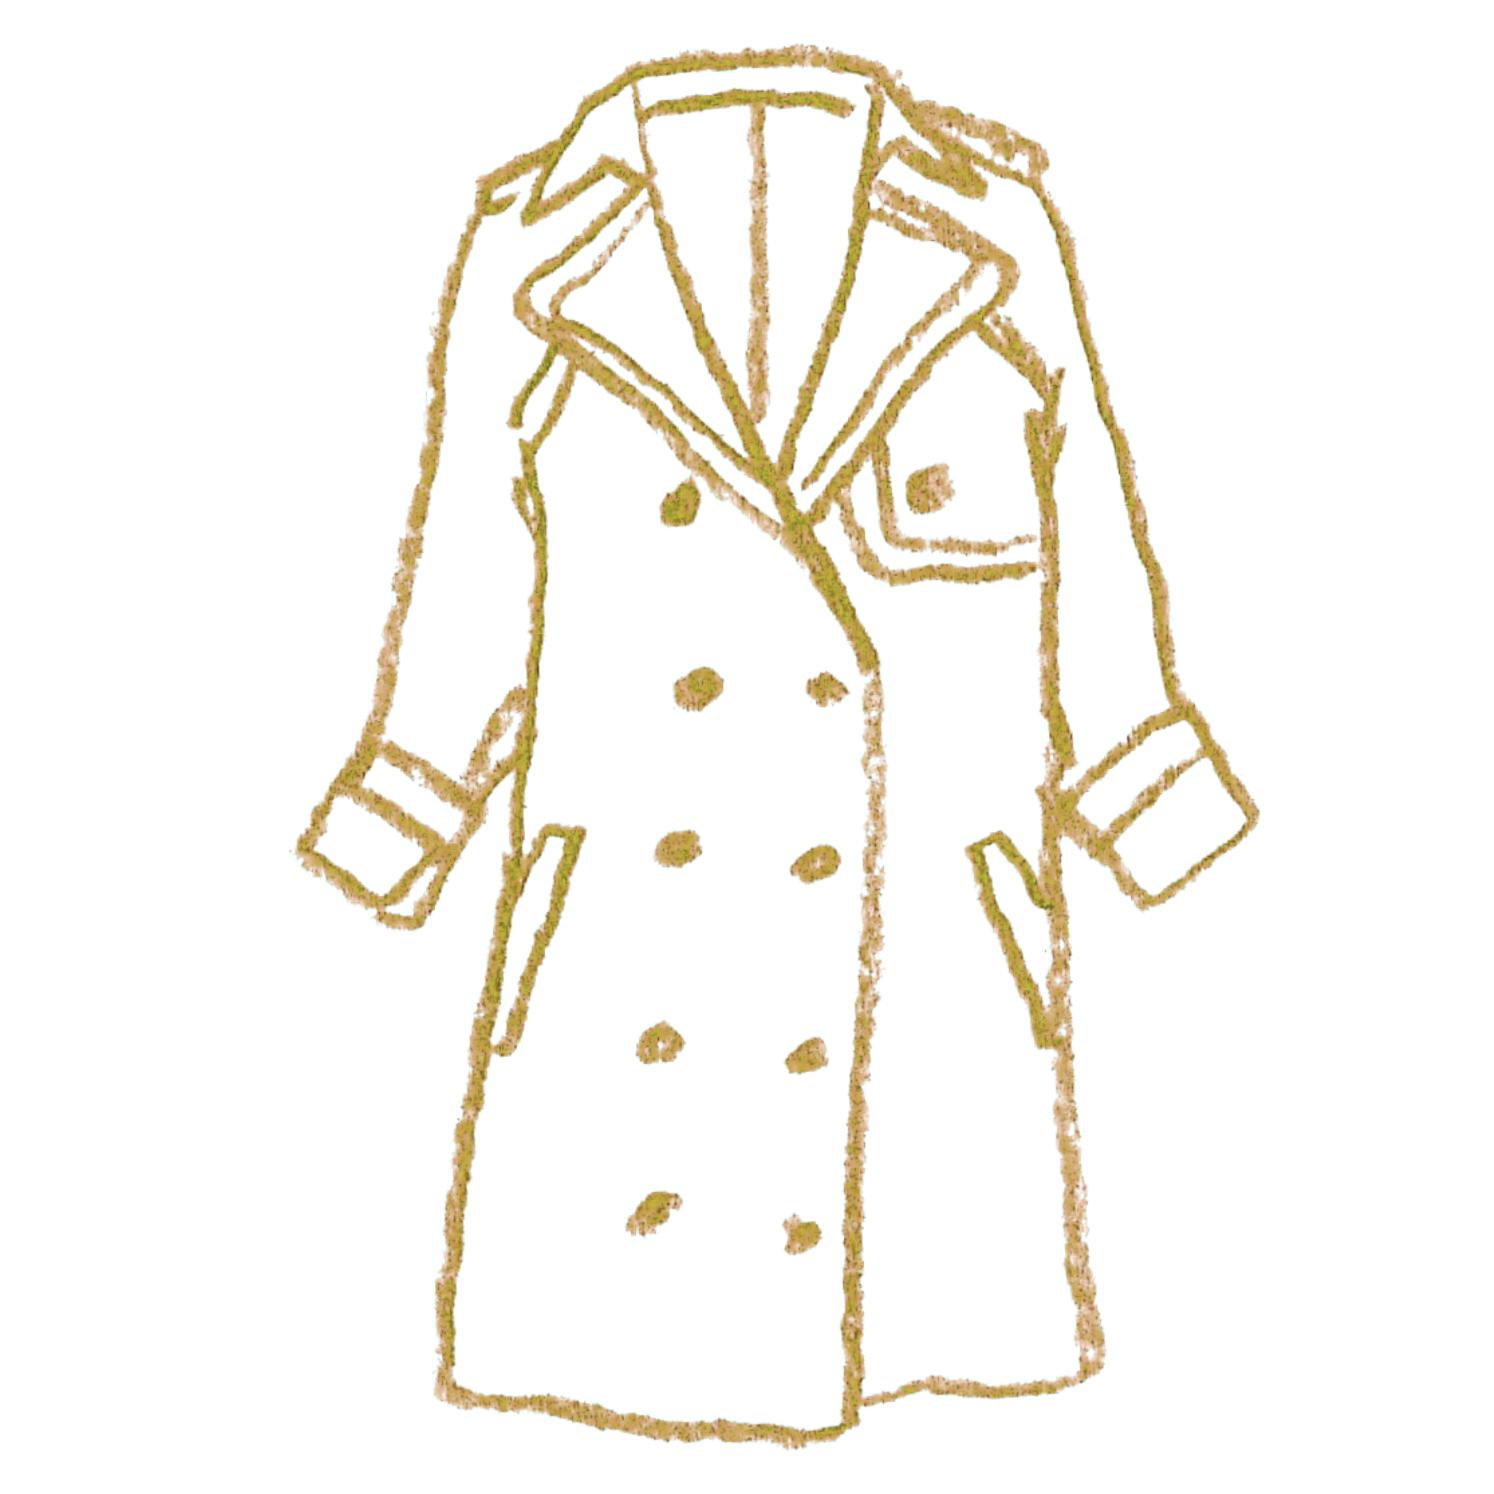 B:薄手のコート